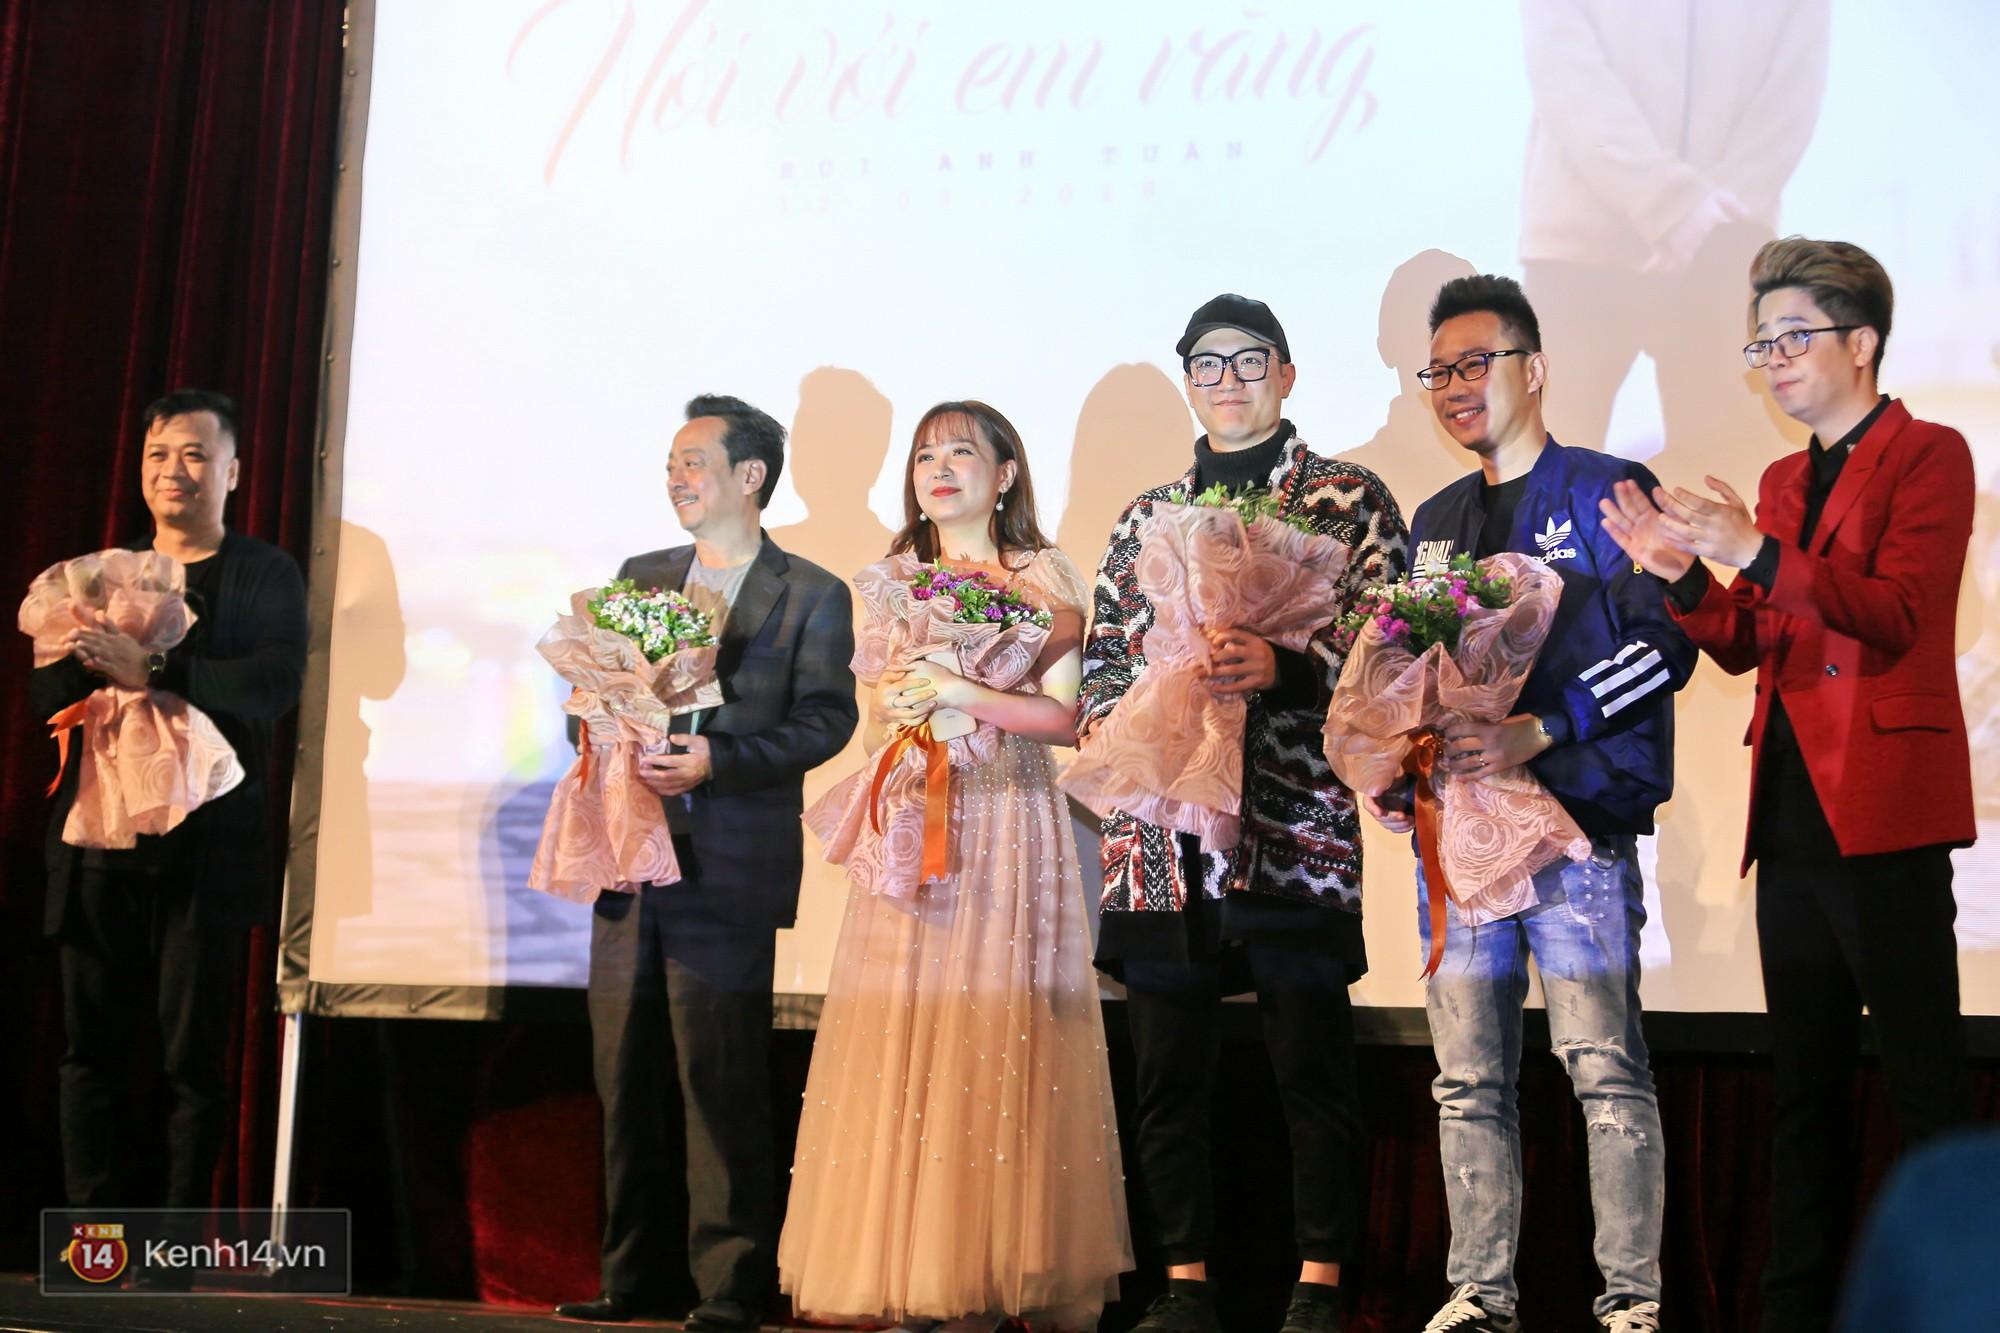 Bùi Anh Tuấn mời thảm họa âm nhạc Lệ Rơi xuất hiện trong MV ra mắt dịp Valentine trắng - Ảnh 10.